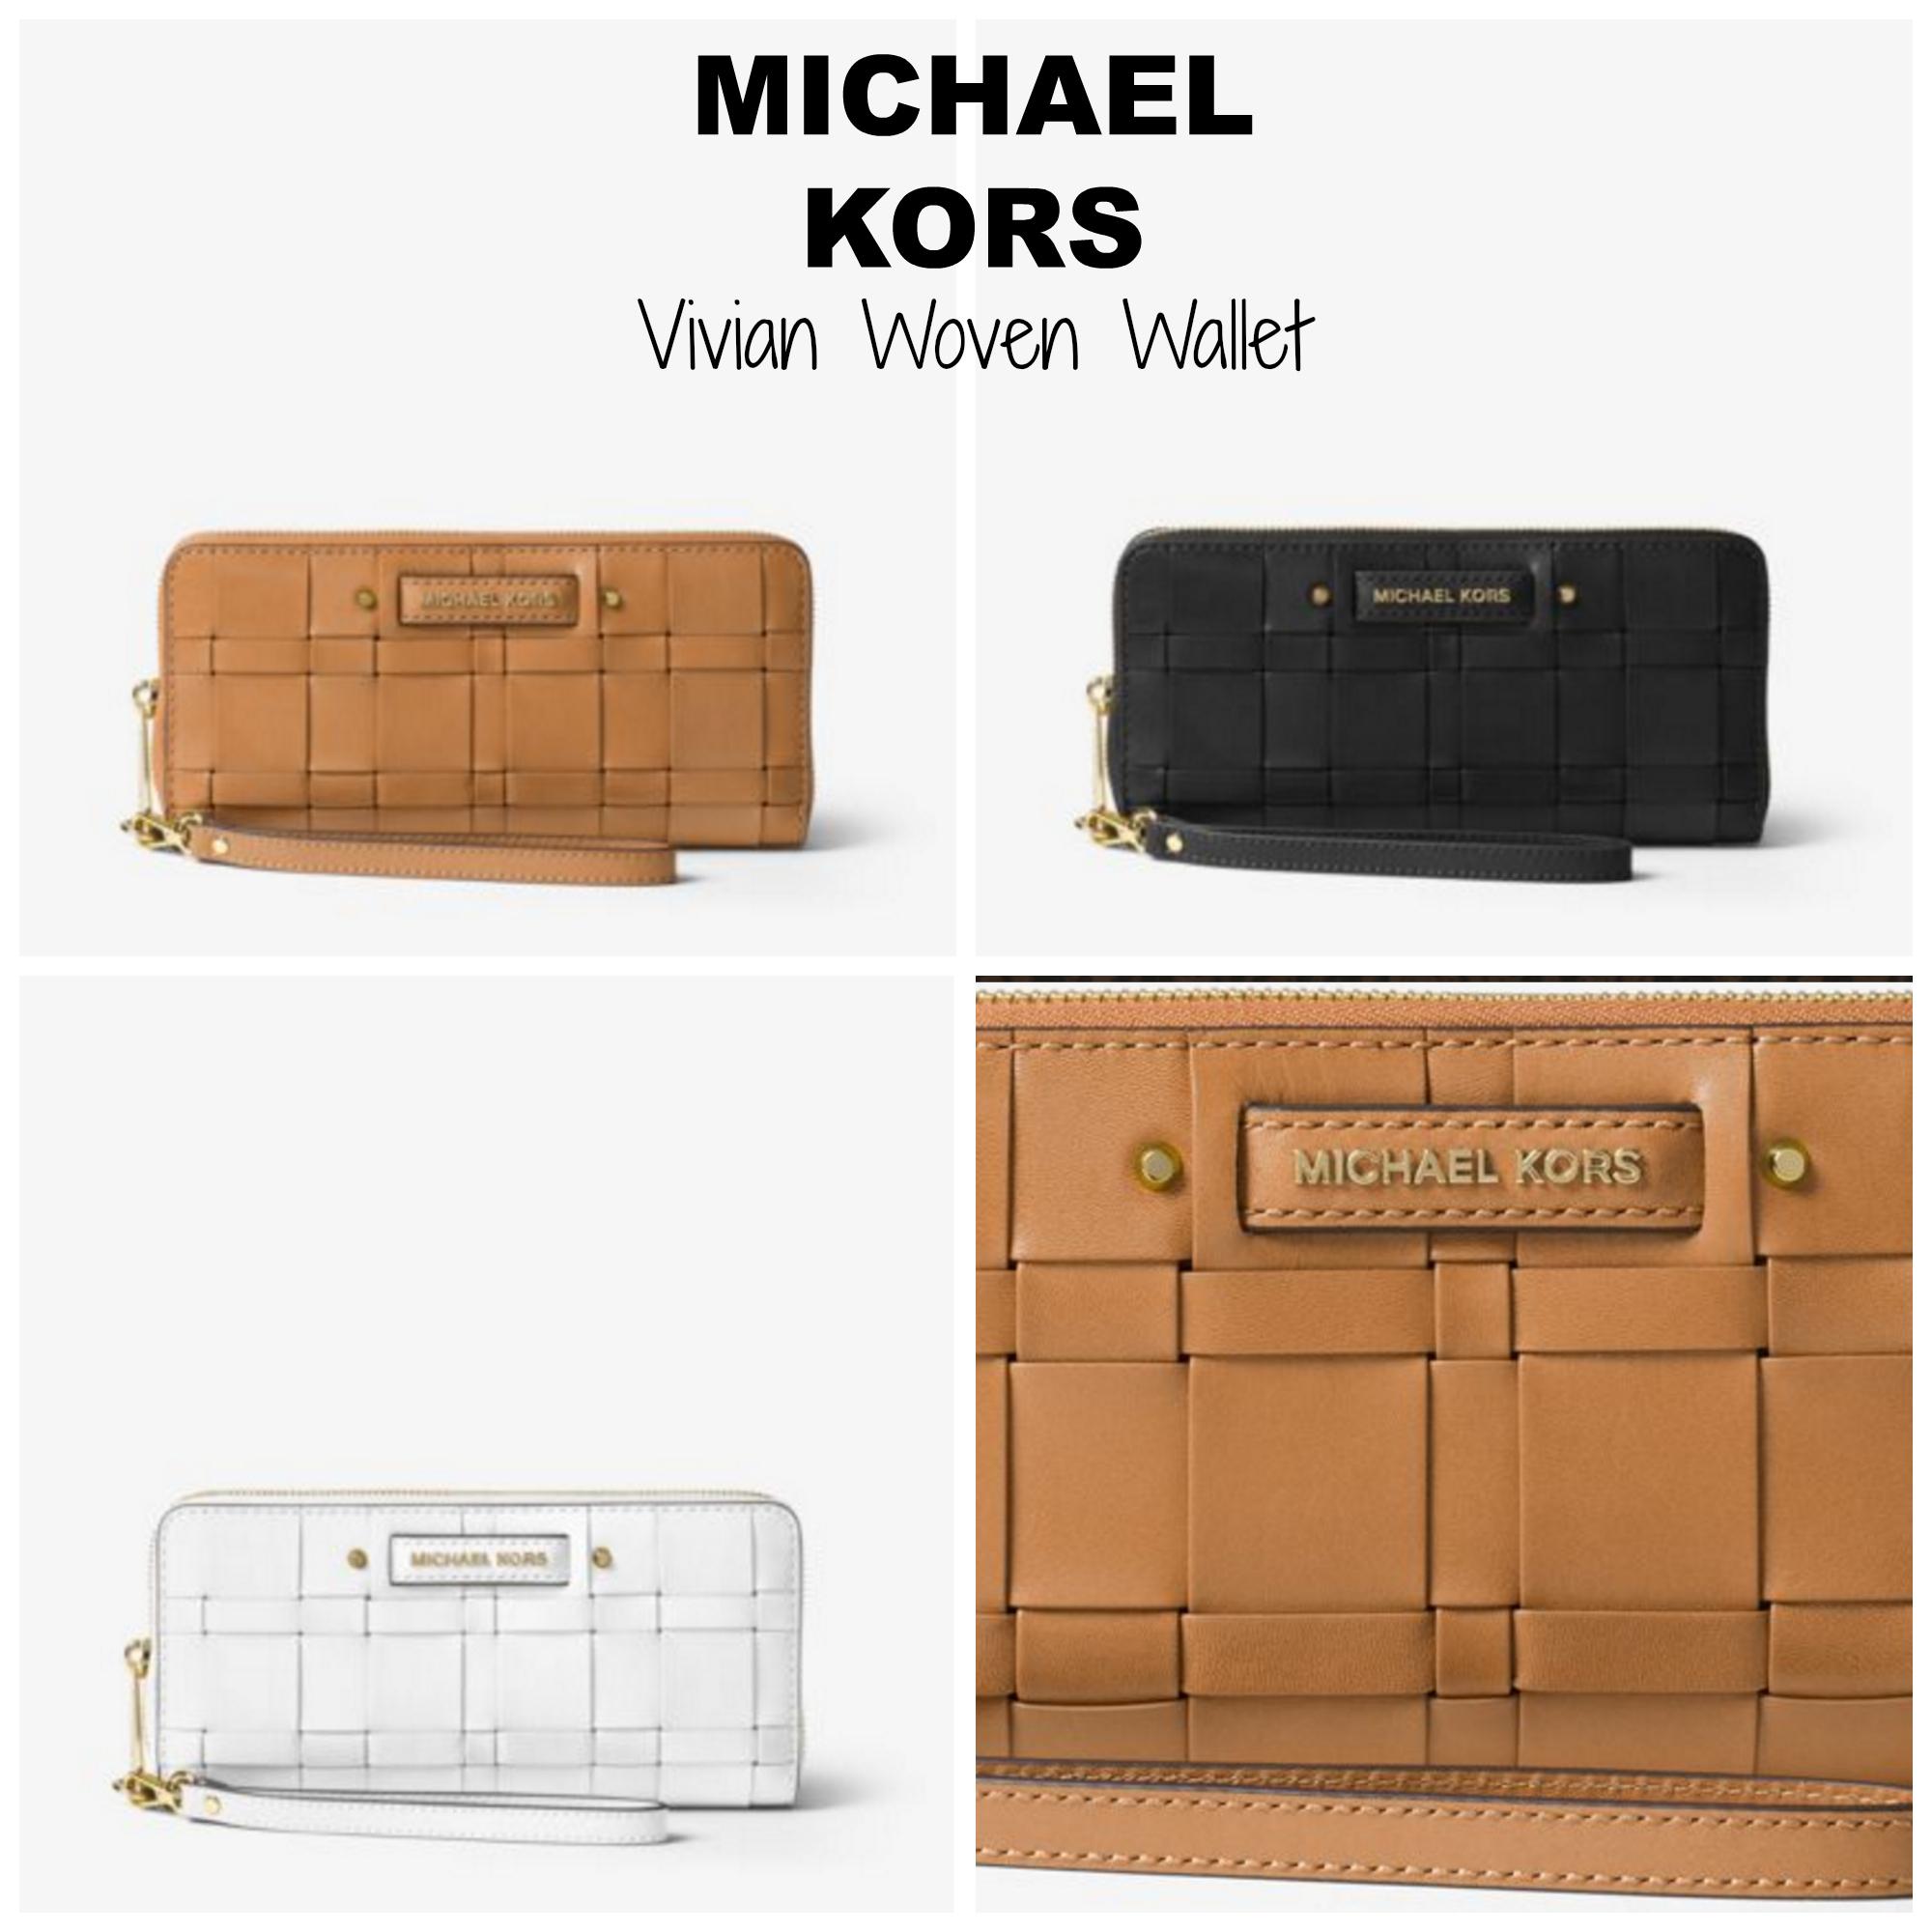 f98f3f35ac55 michael kors vivian white wallet purse tie dye - Marwood ...